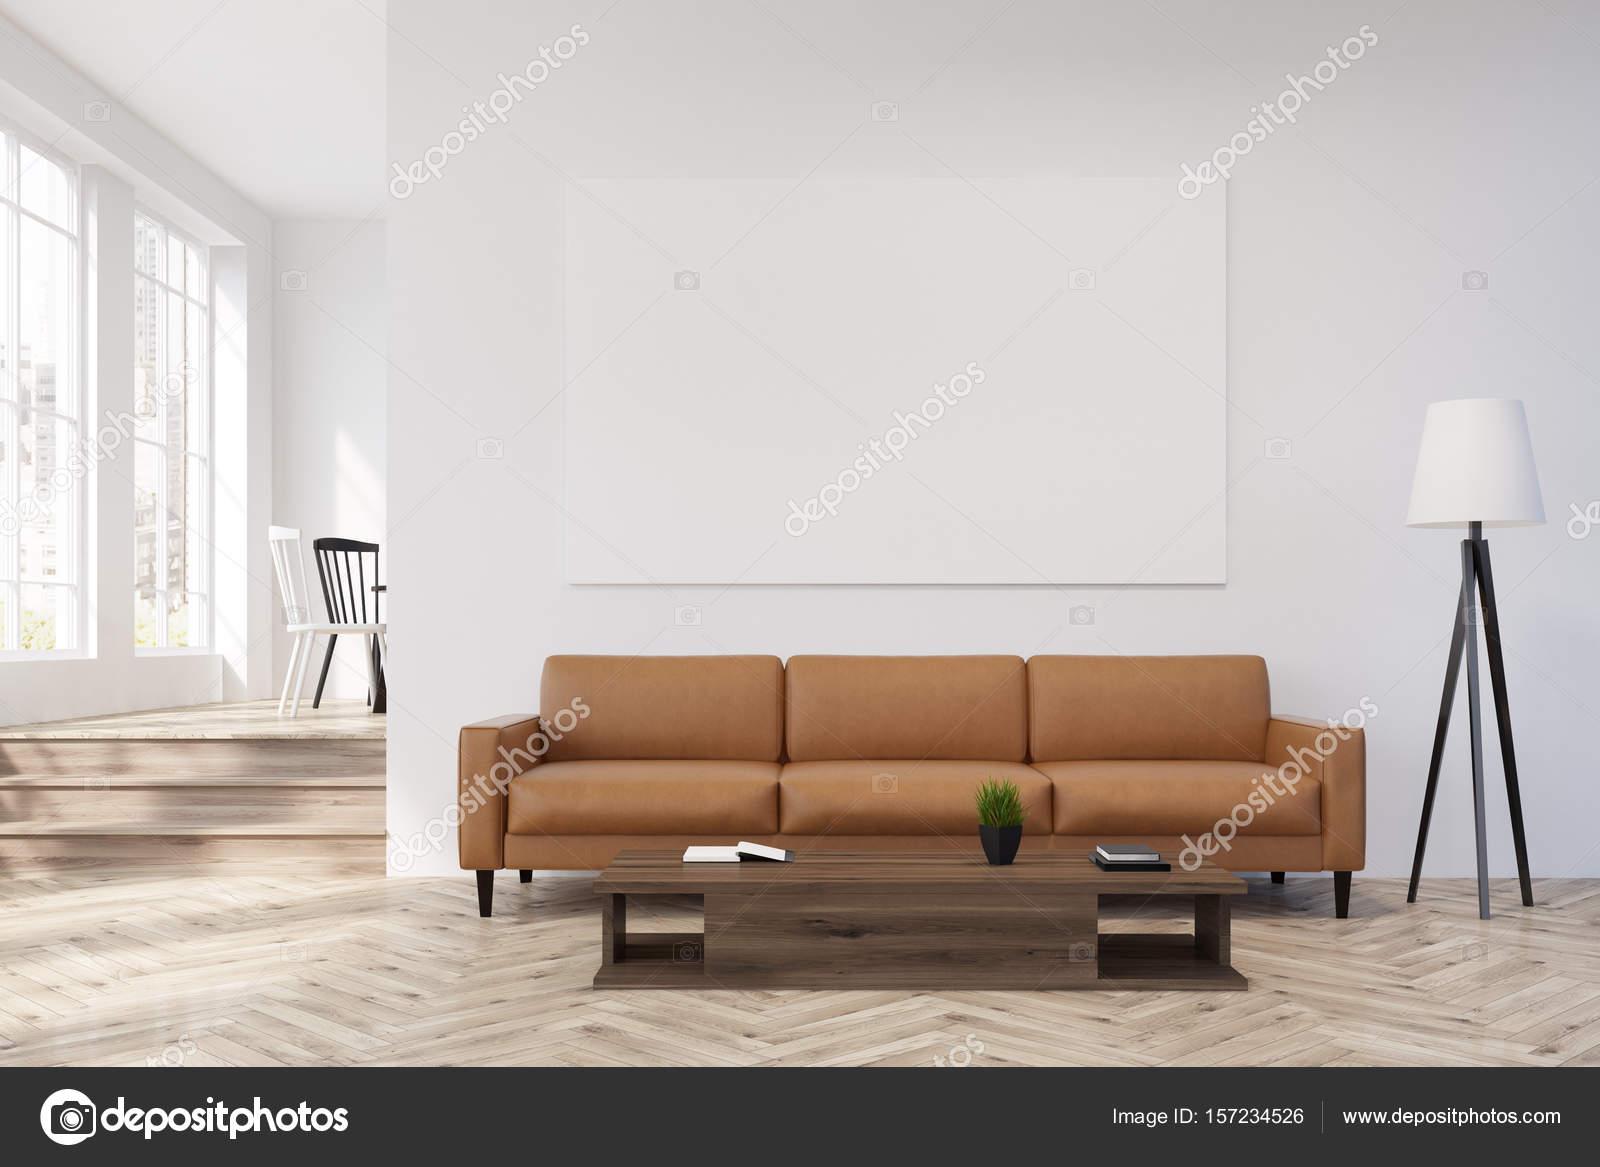 Weiße Wohnzimmer mit Beige Sofa, Plakat, Lampe — Stockfoto ...